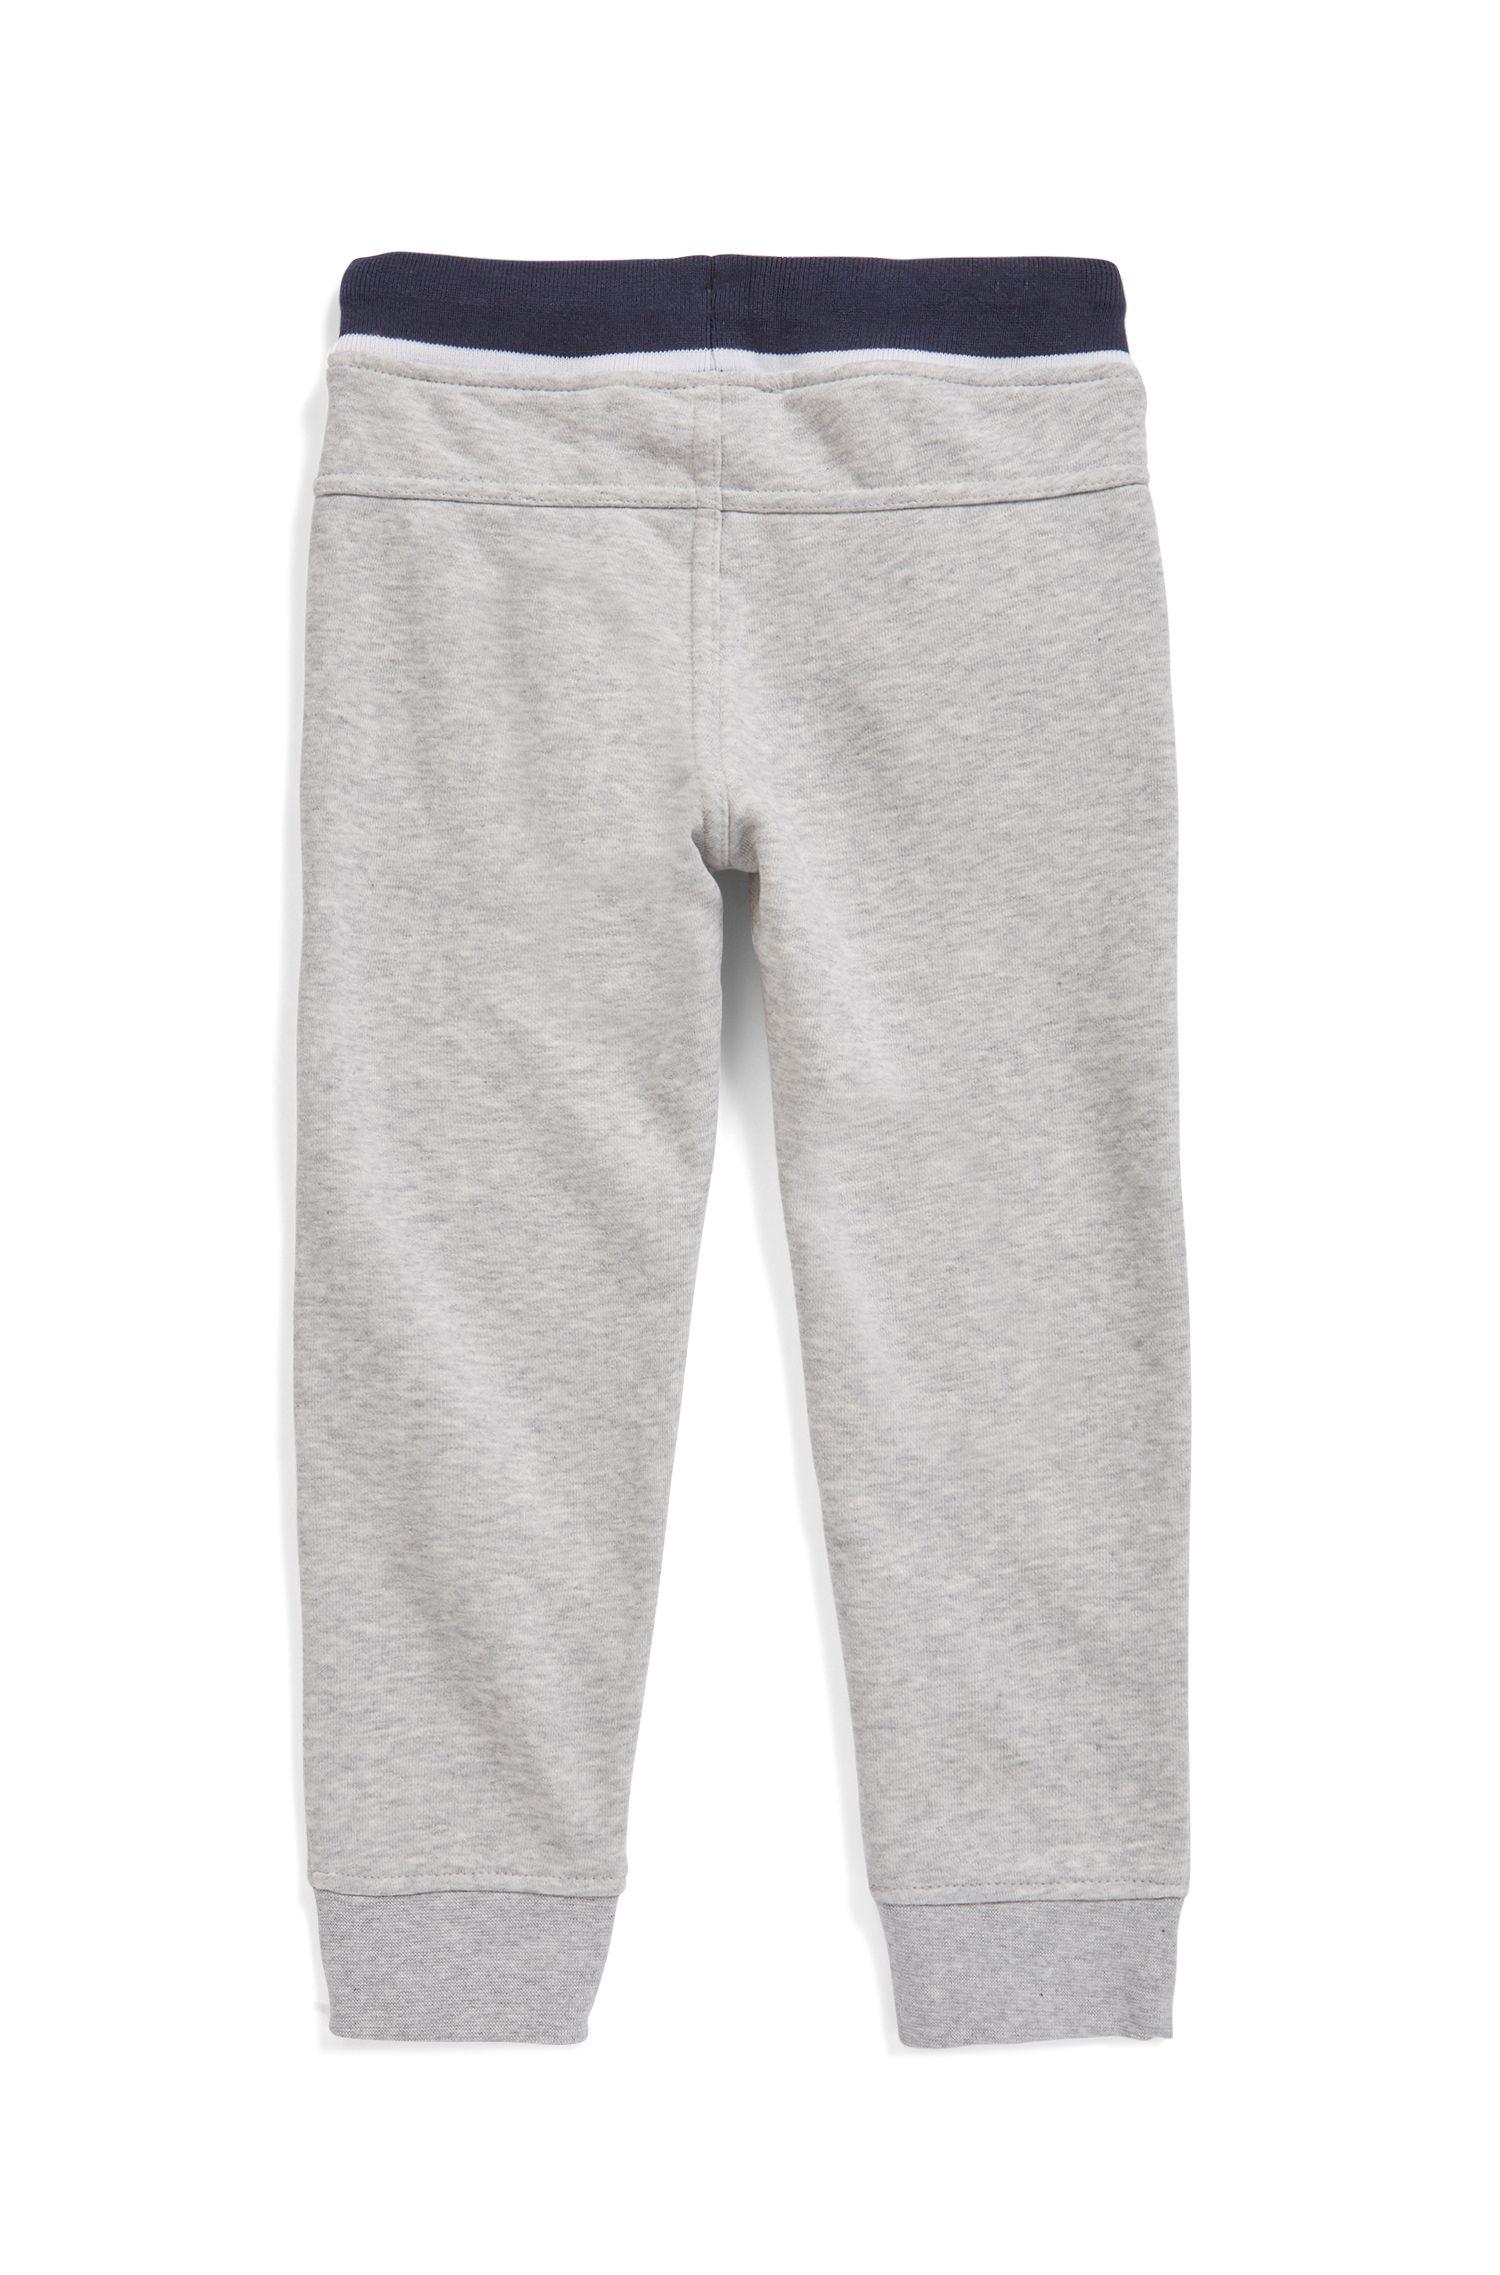 Pantalon d'intérieur pour enfant en molleton à logo imprimé, Gris chiné